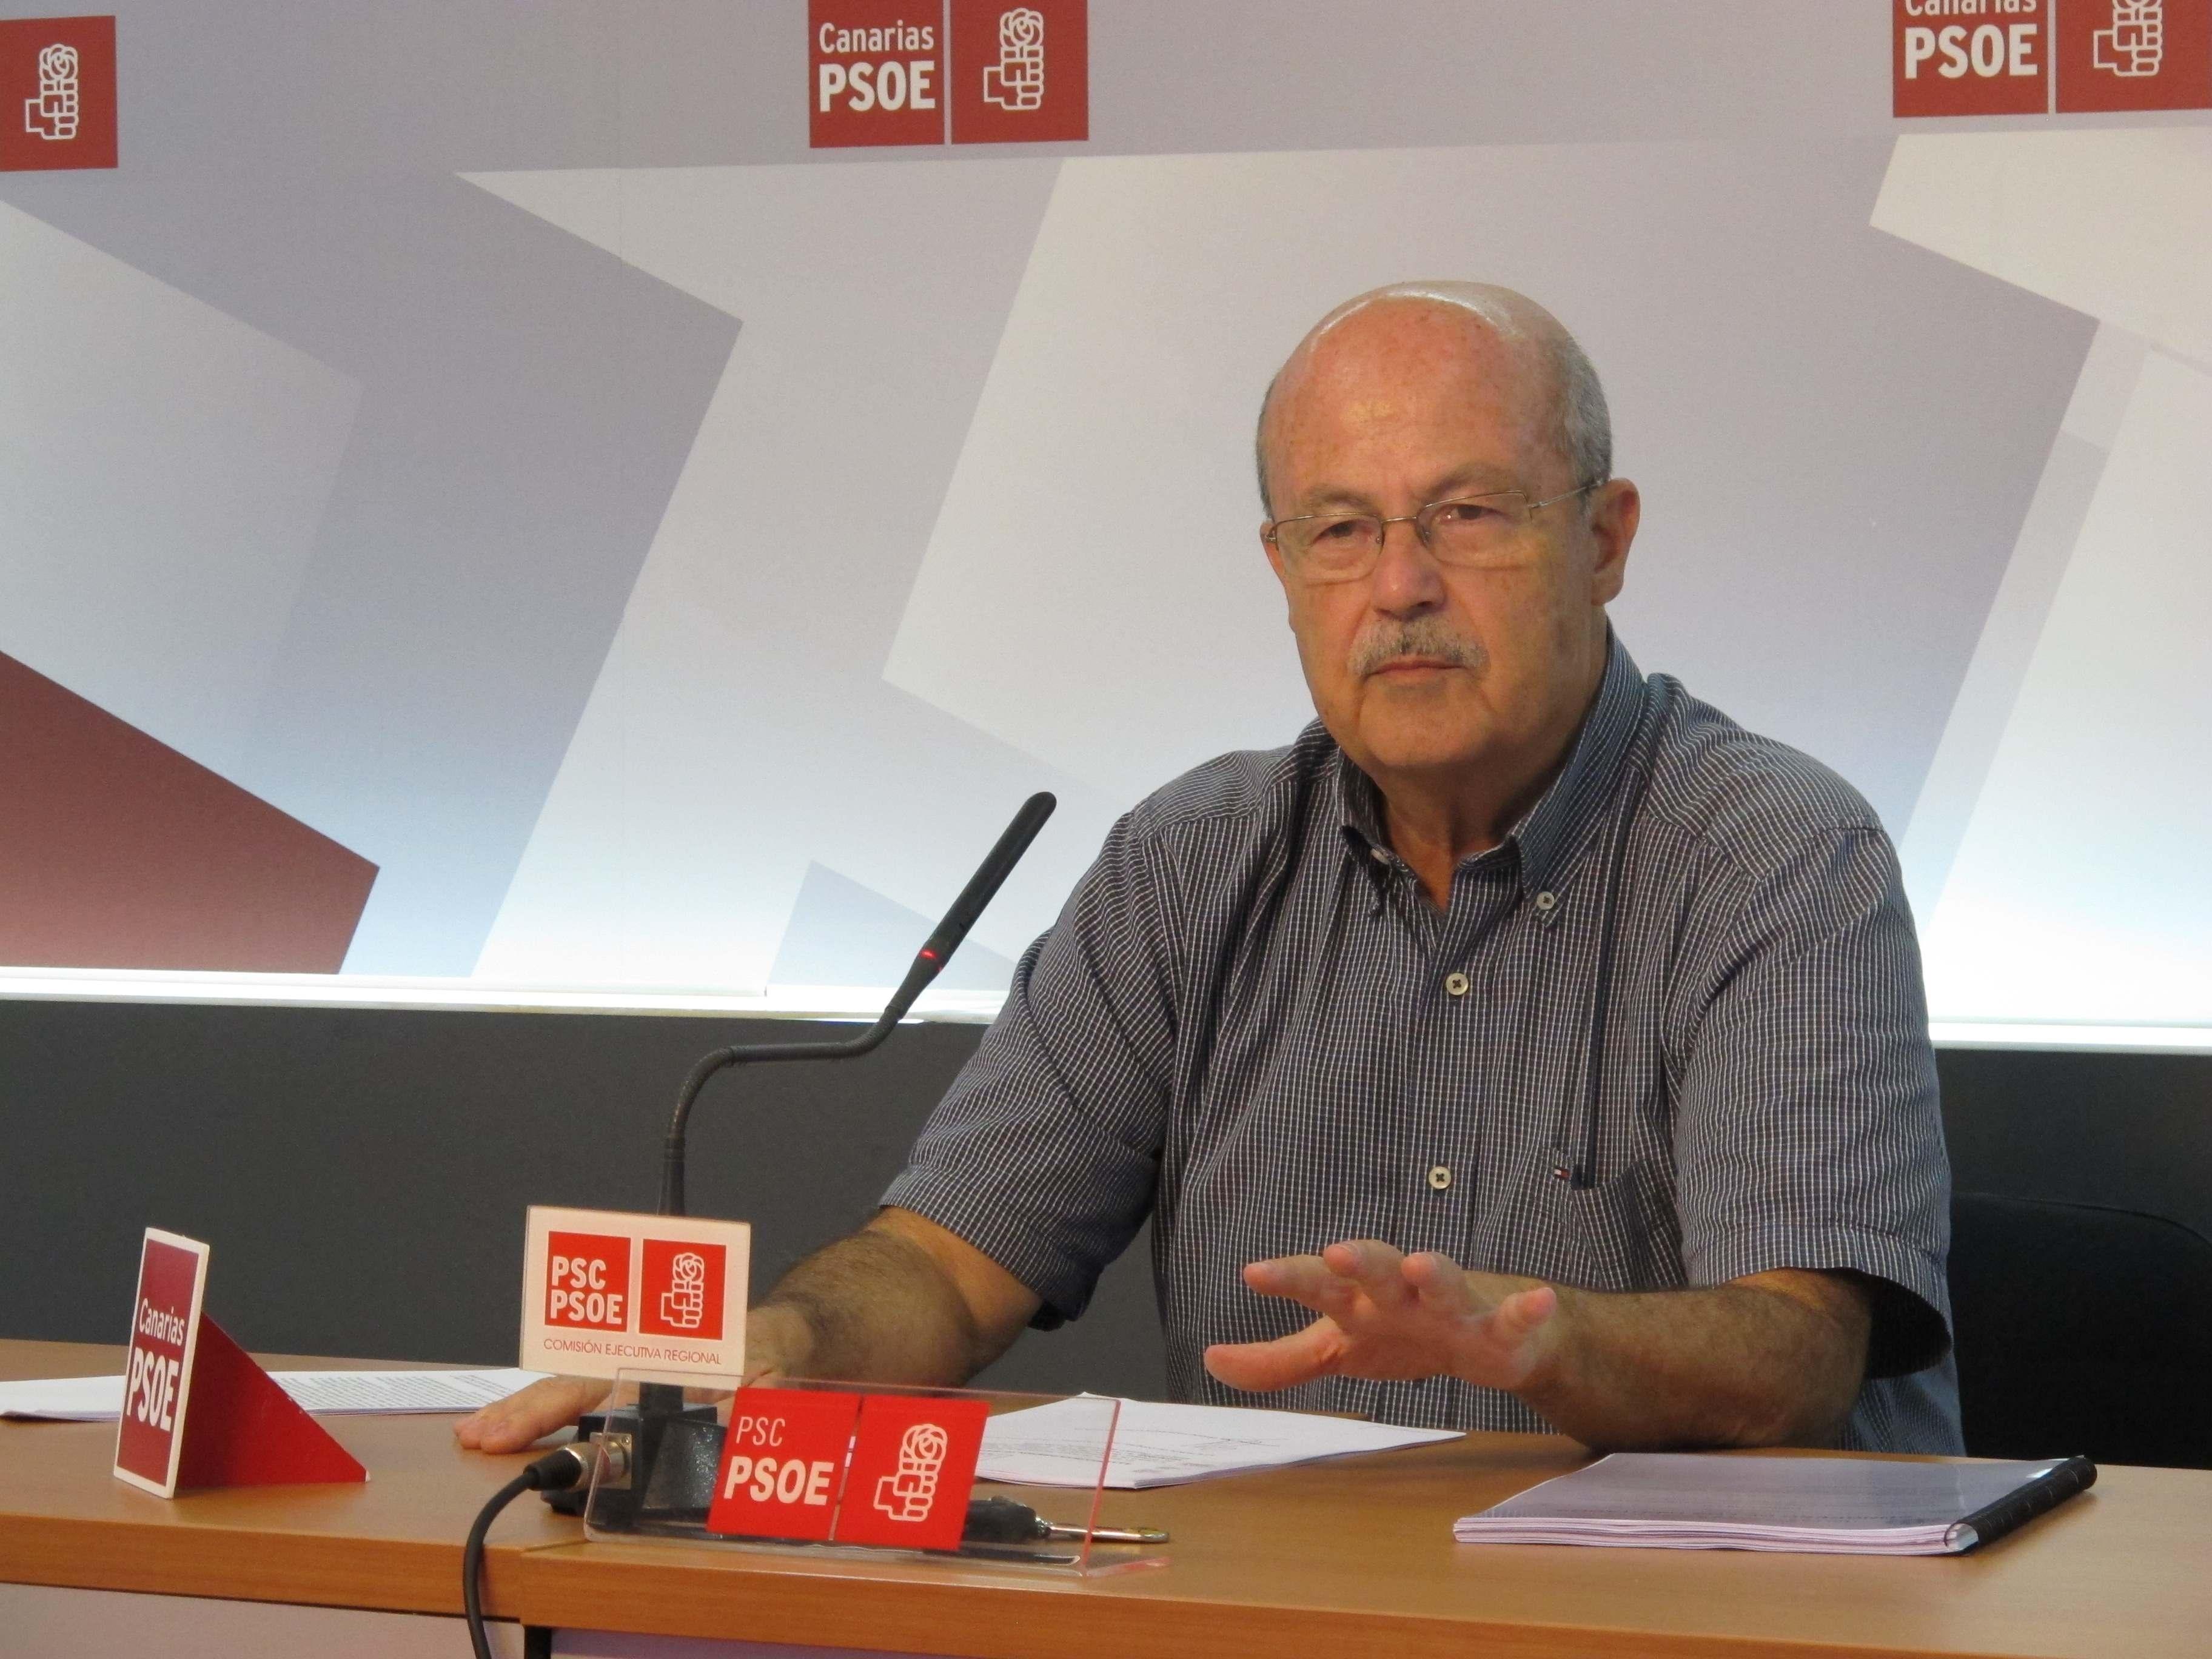 Diputado del PSOE irrita a CiU al burlarse de las «chocolatinas» que le da el PP para que «no se vayan de España»